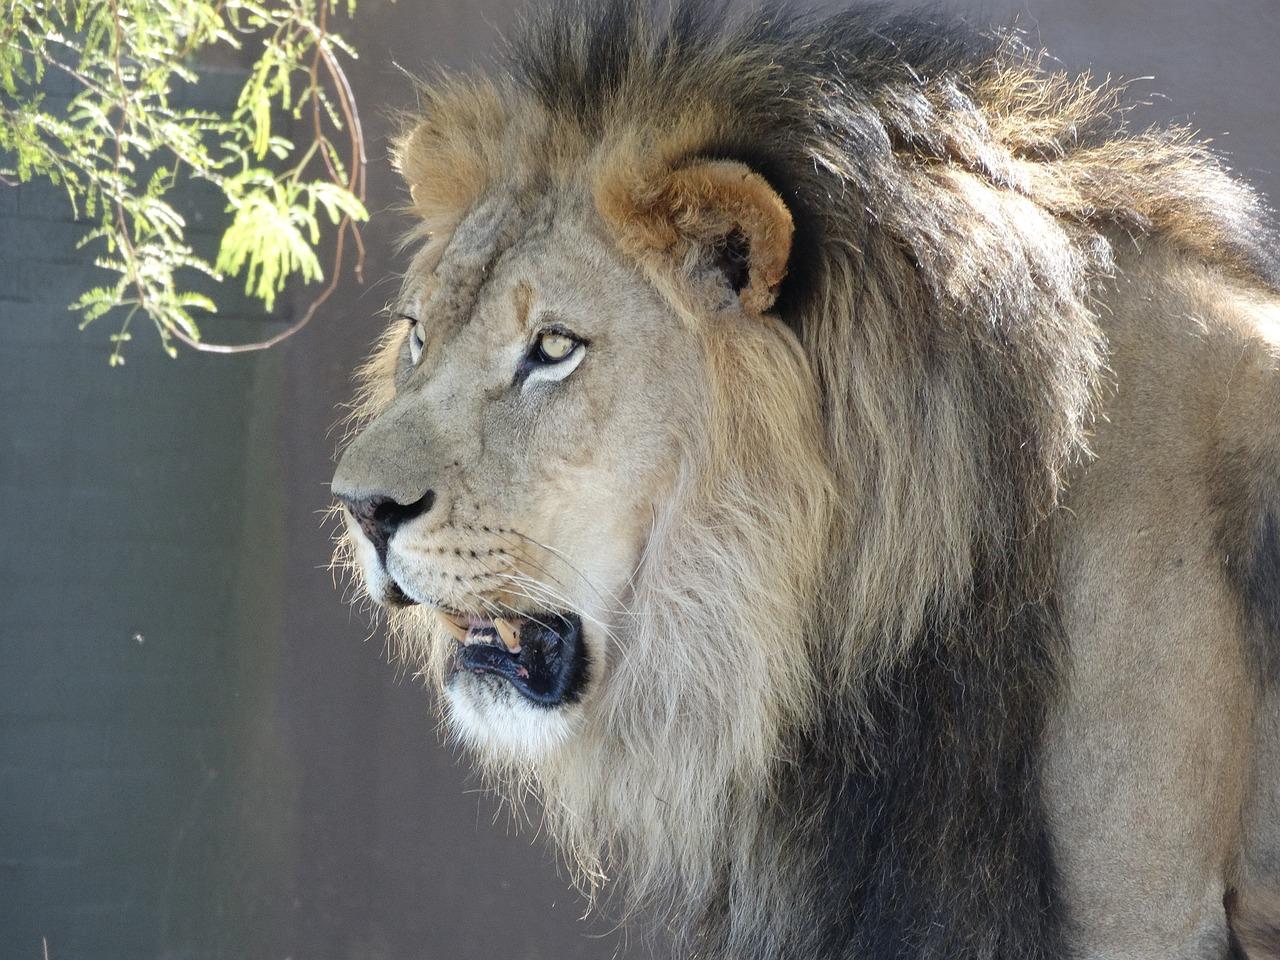 изменении живая картинка лев каждом конкретном магазине